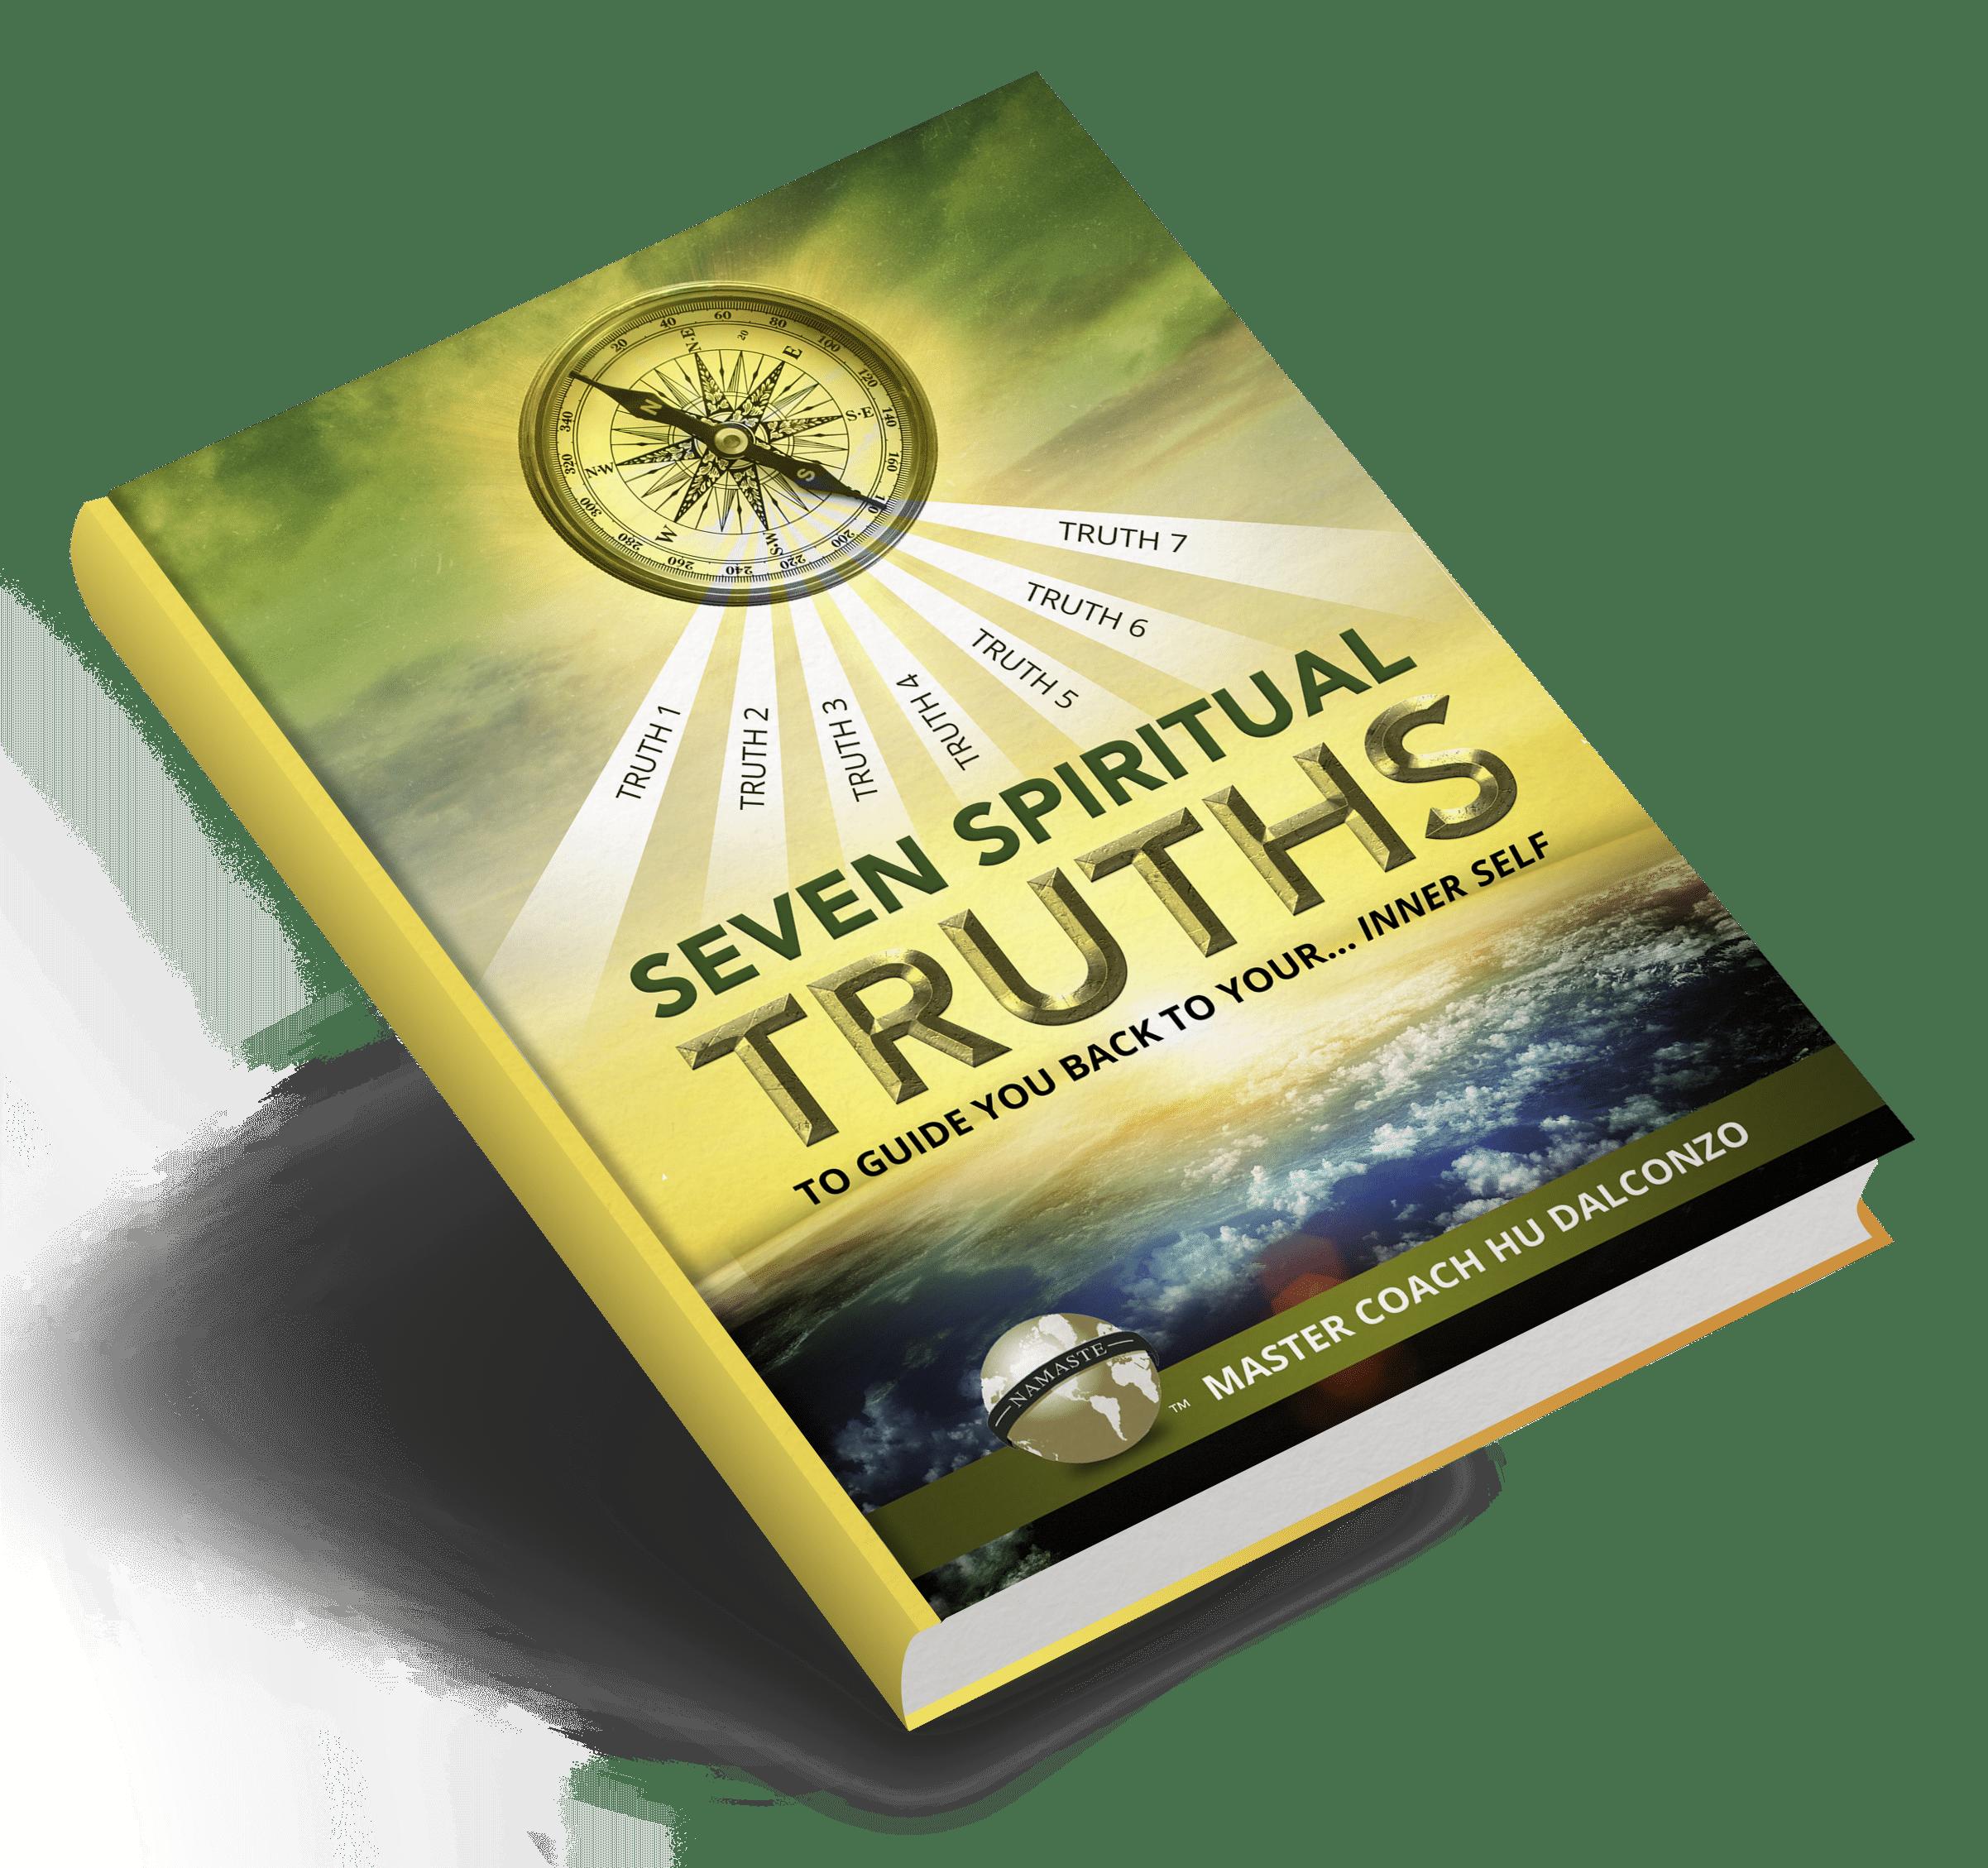 Seven Spiritual Truths- Book on Angle Mockup